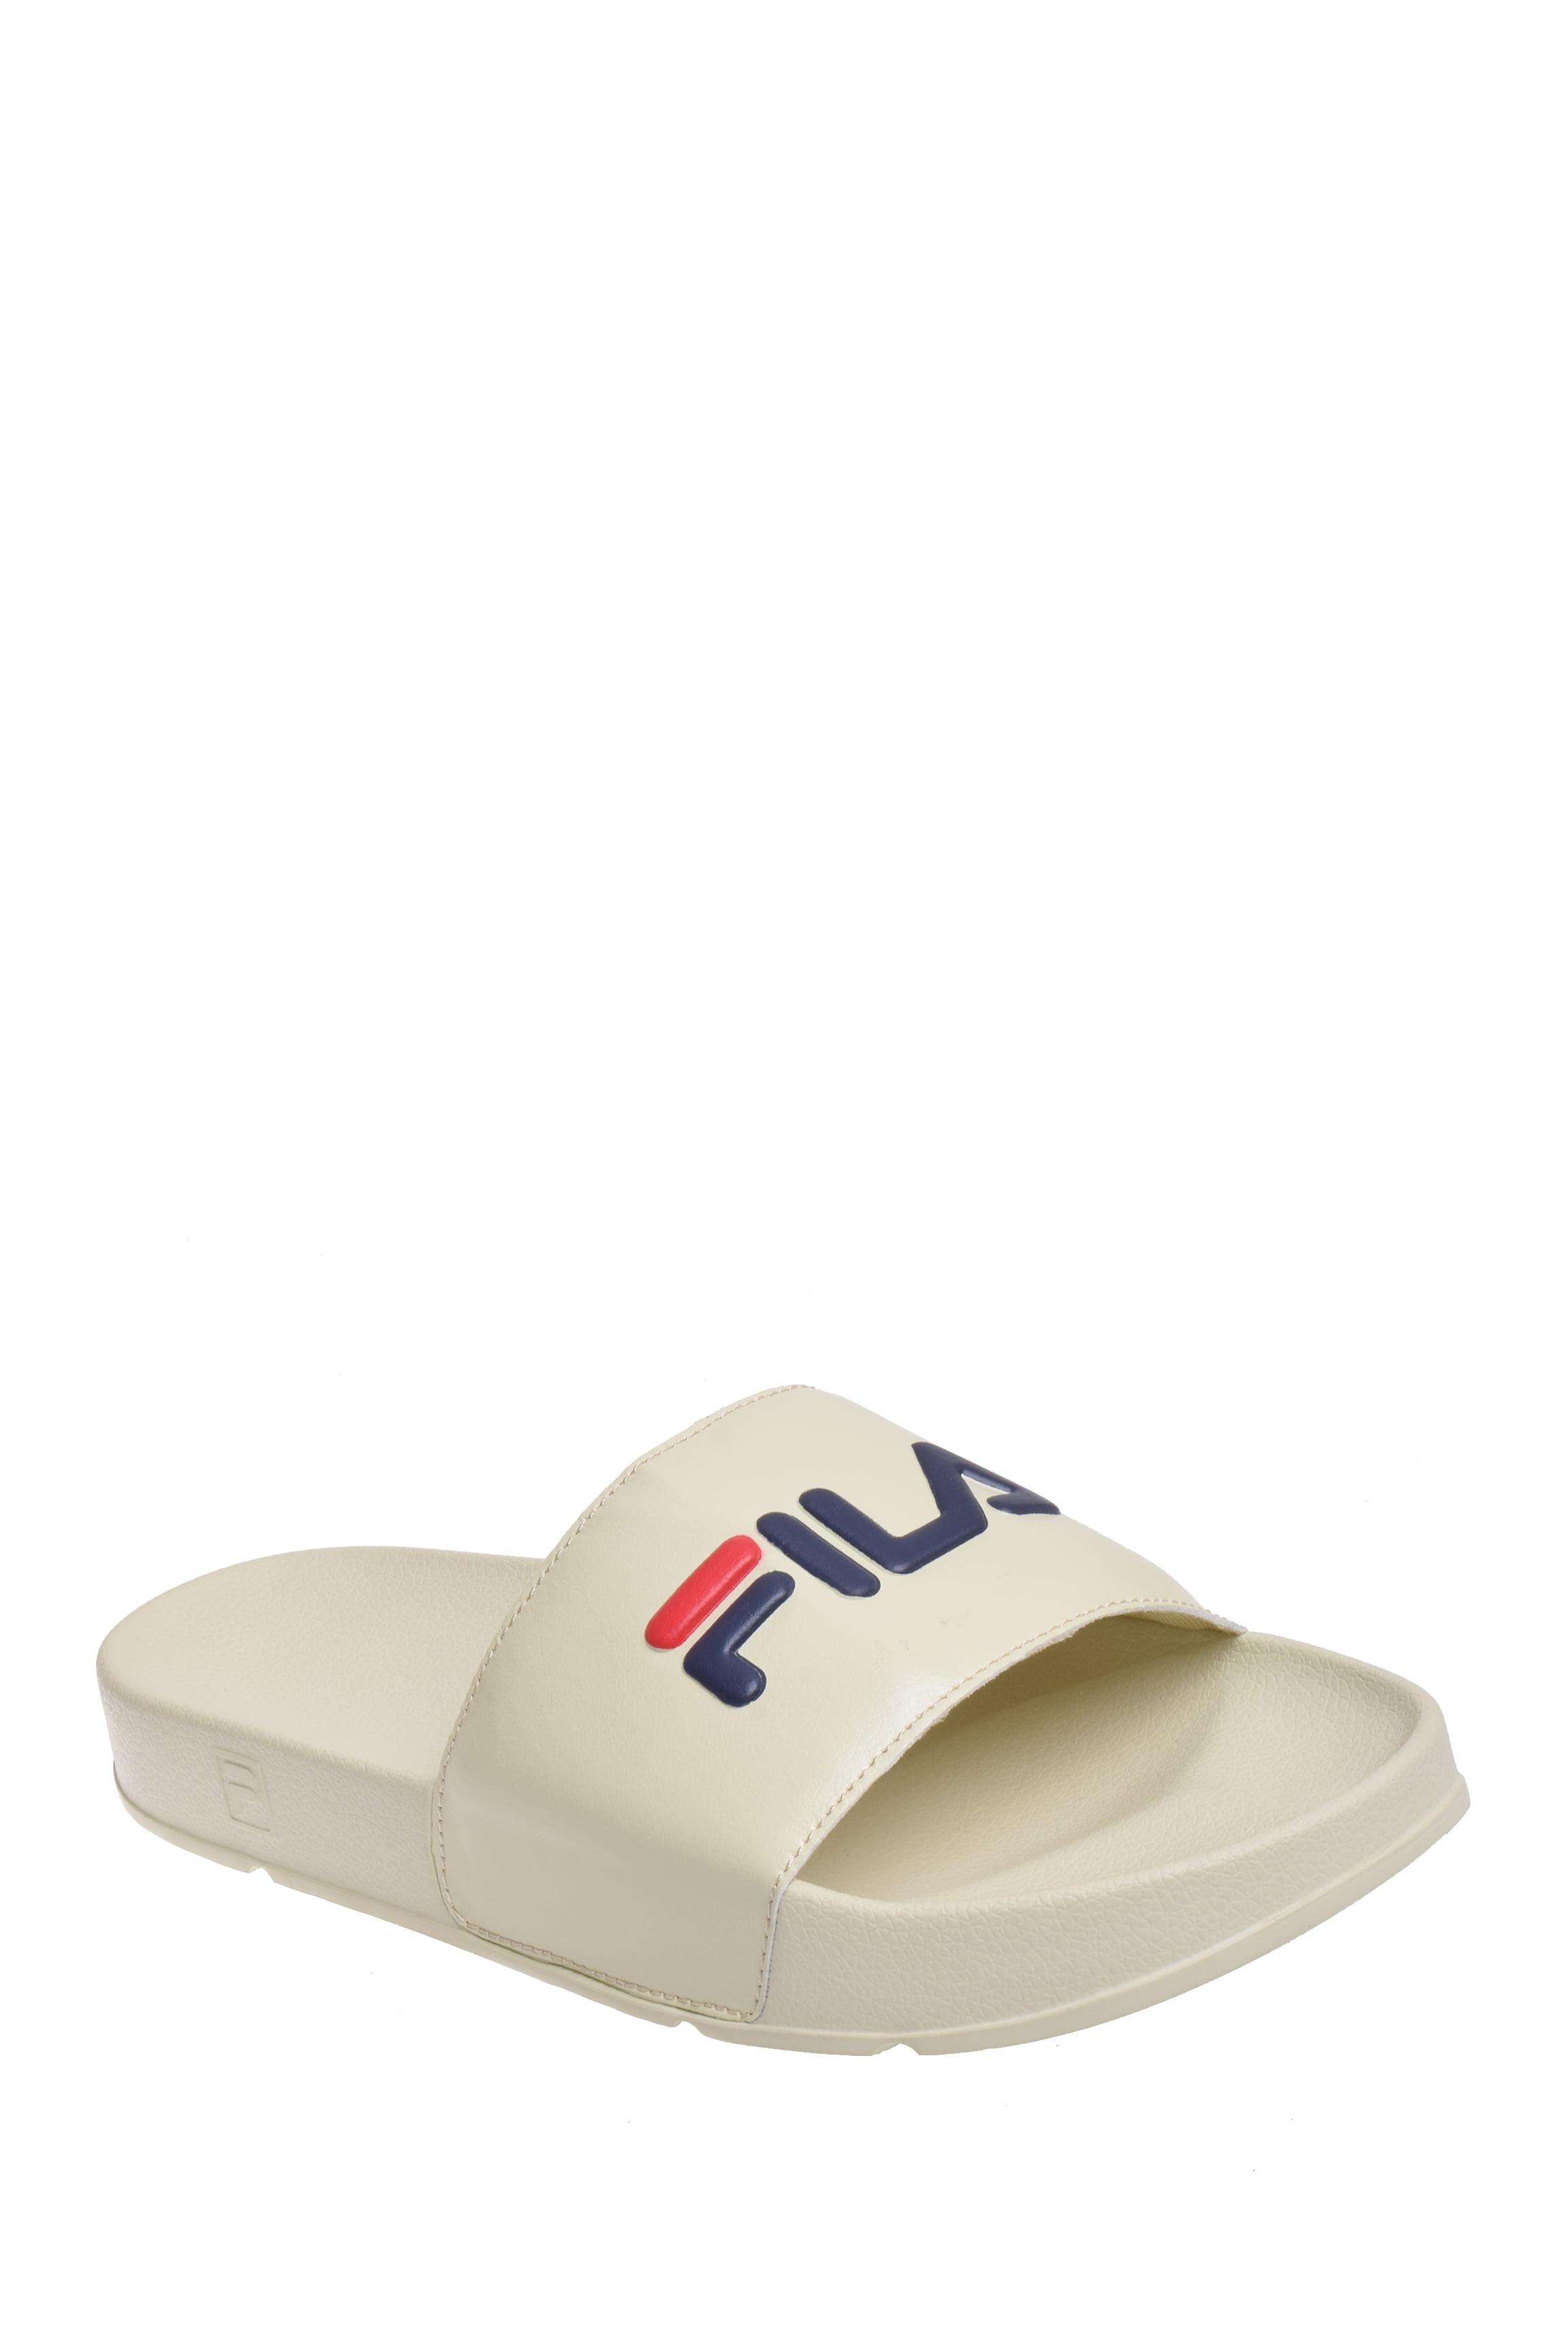 Fila Men's Drifter Slide Sandal Cream by